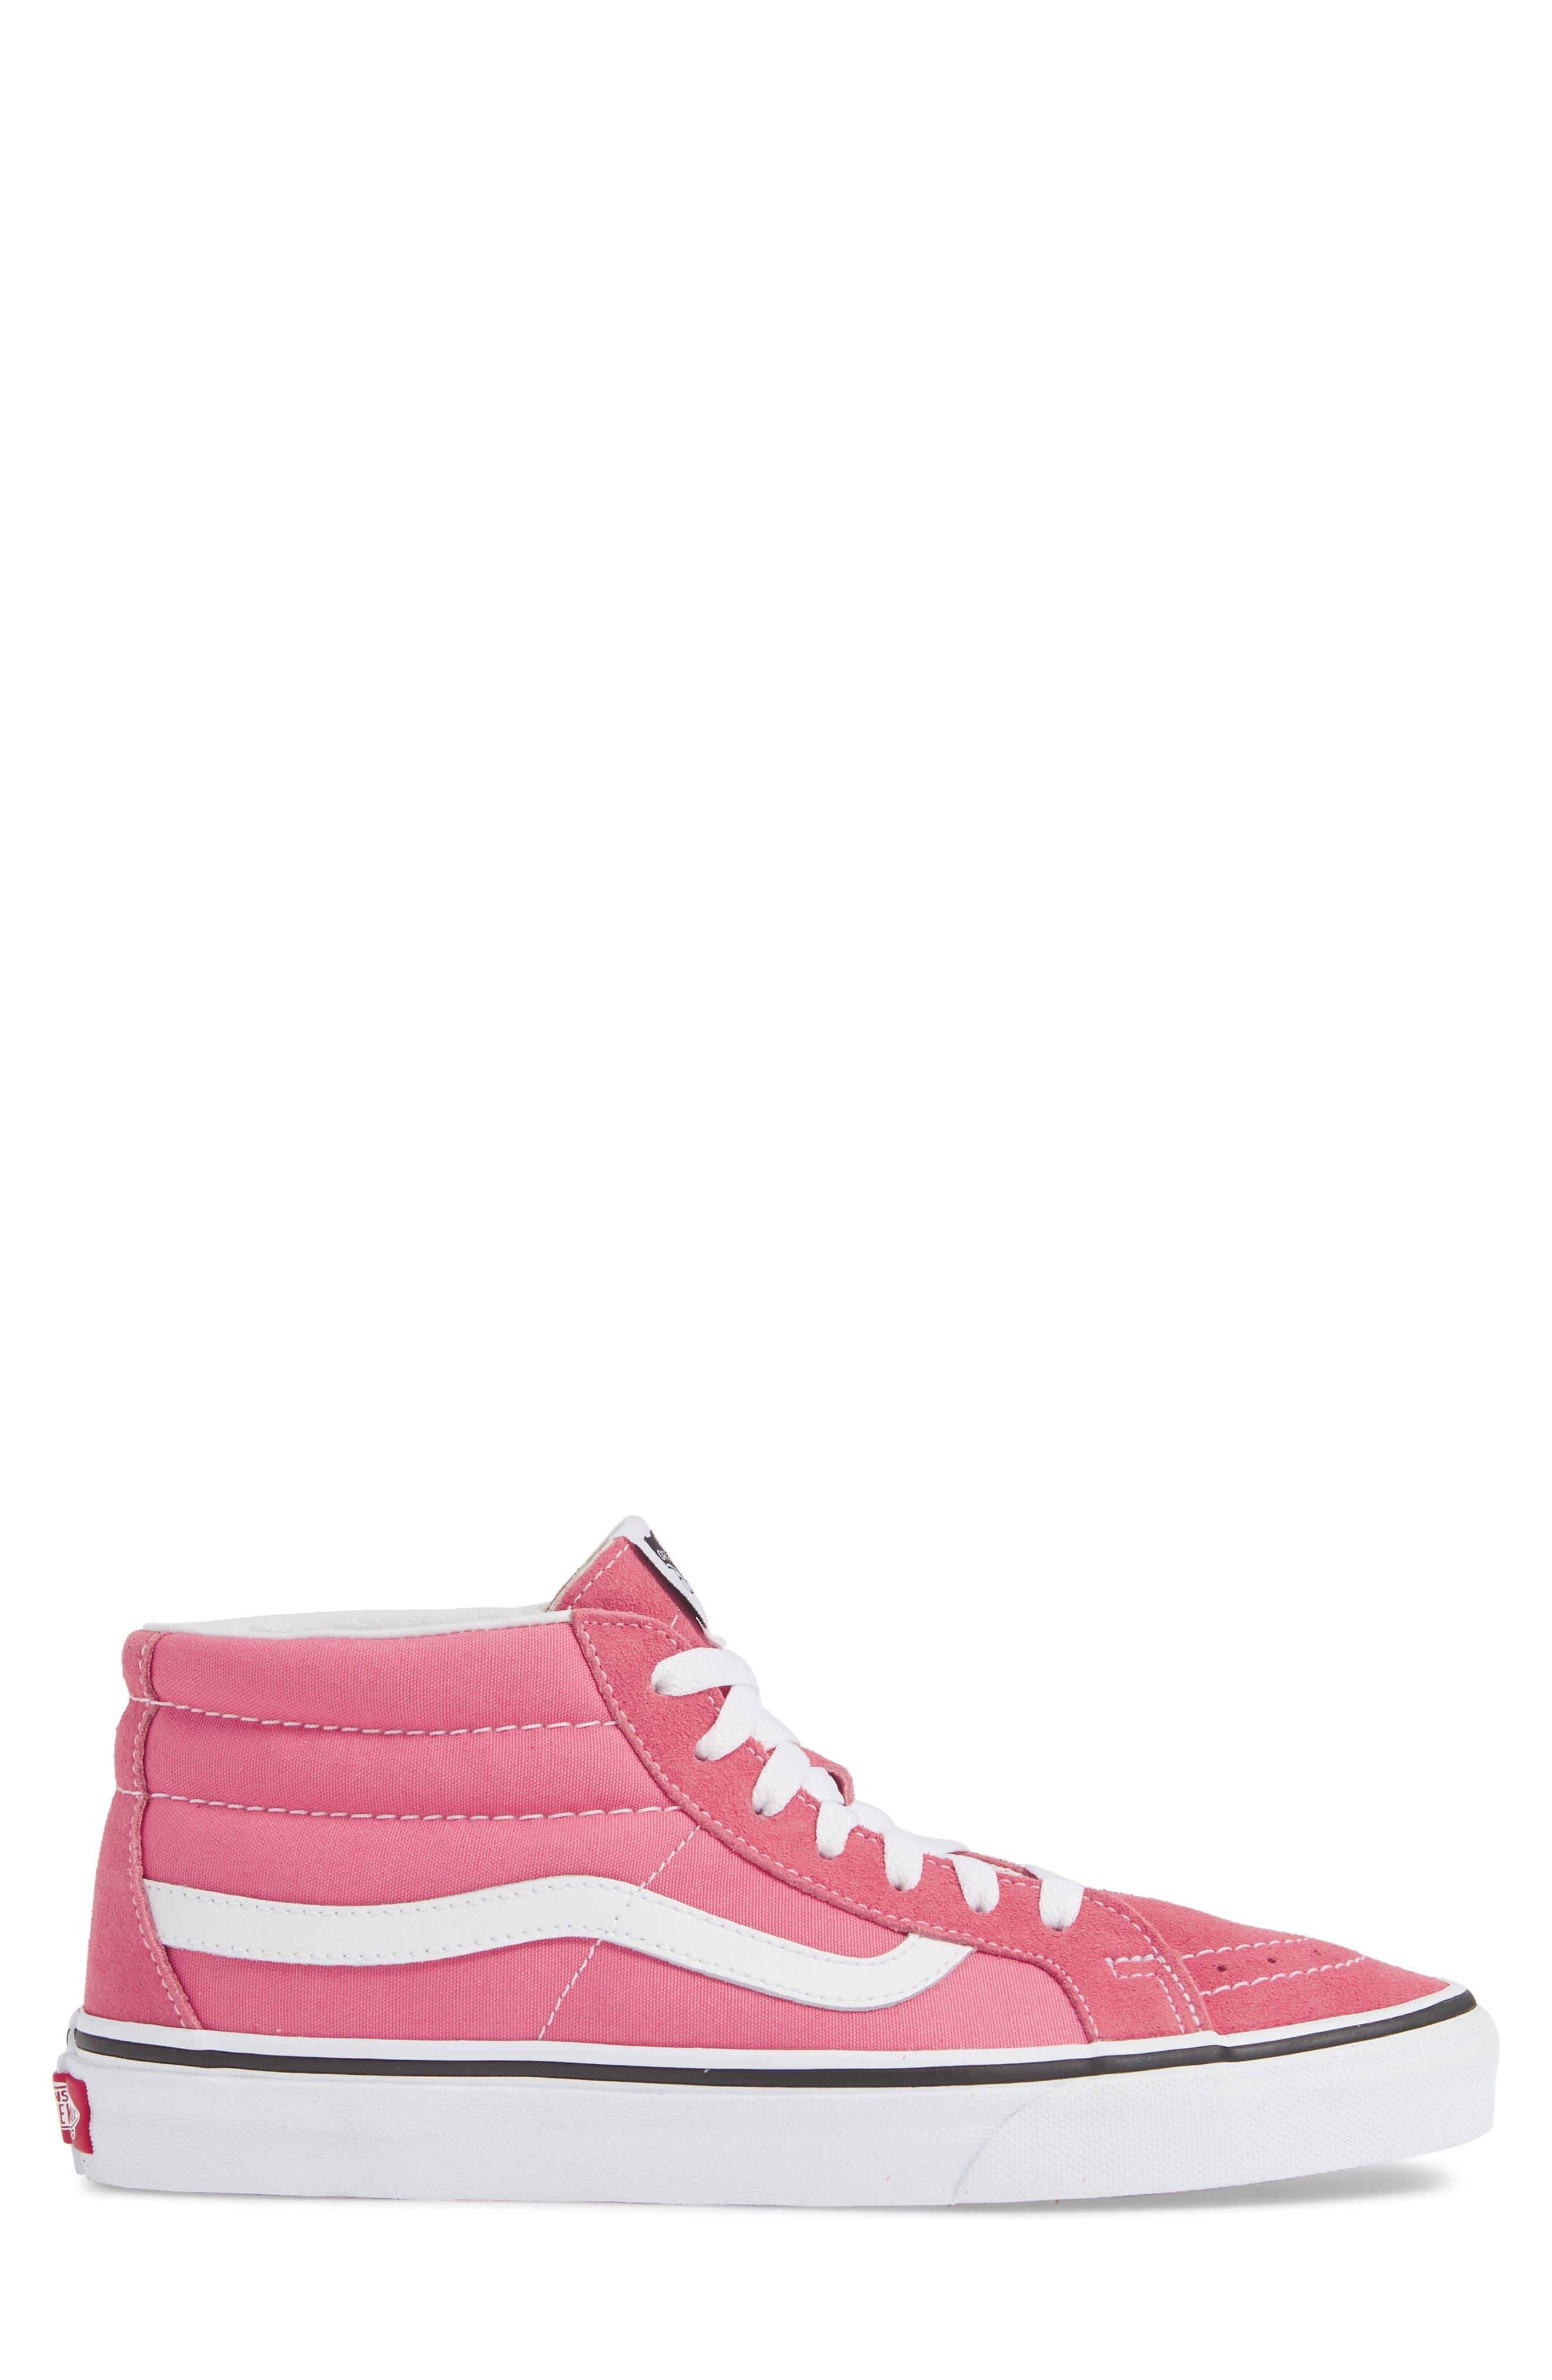 VANS,                             Sk8-Mid Reissue Sneaker,                             Alternate thumbnail 3, color,                             660